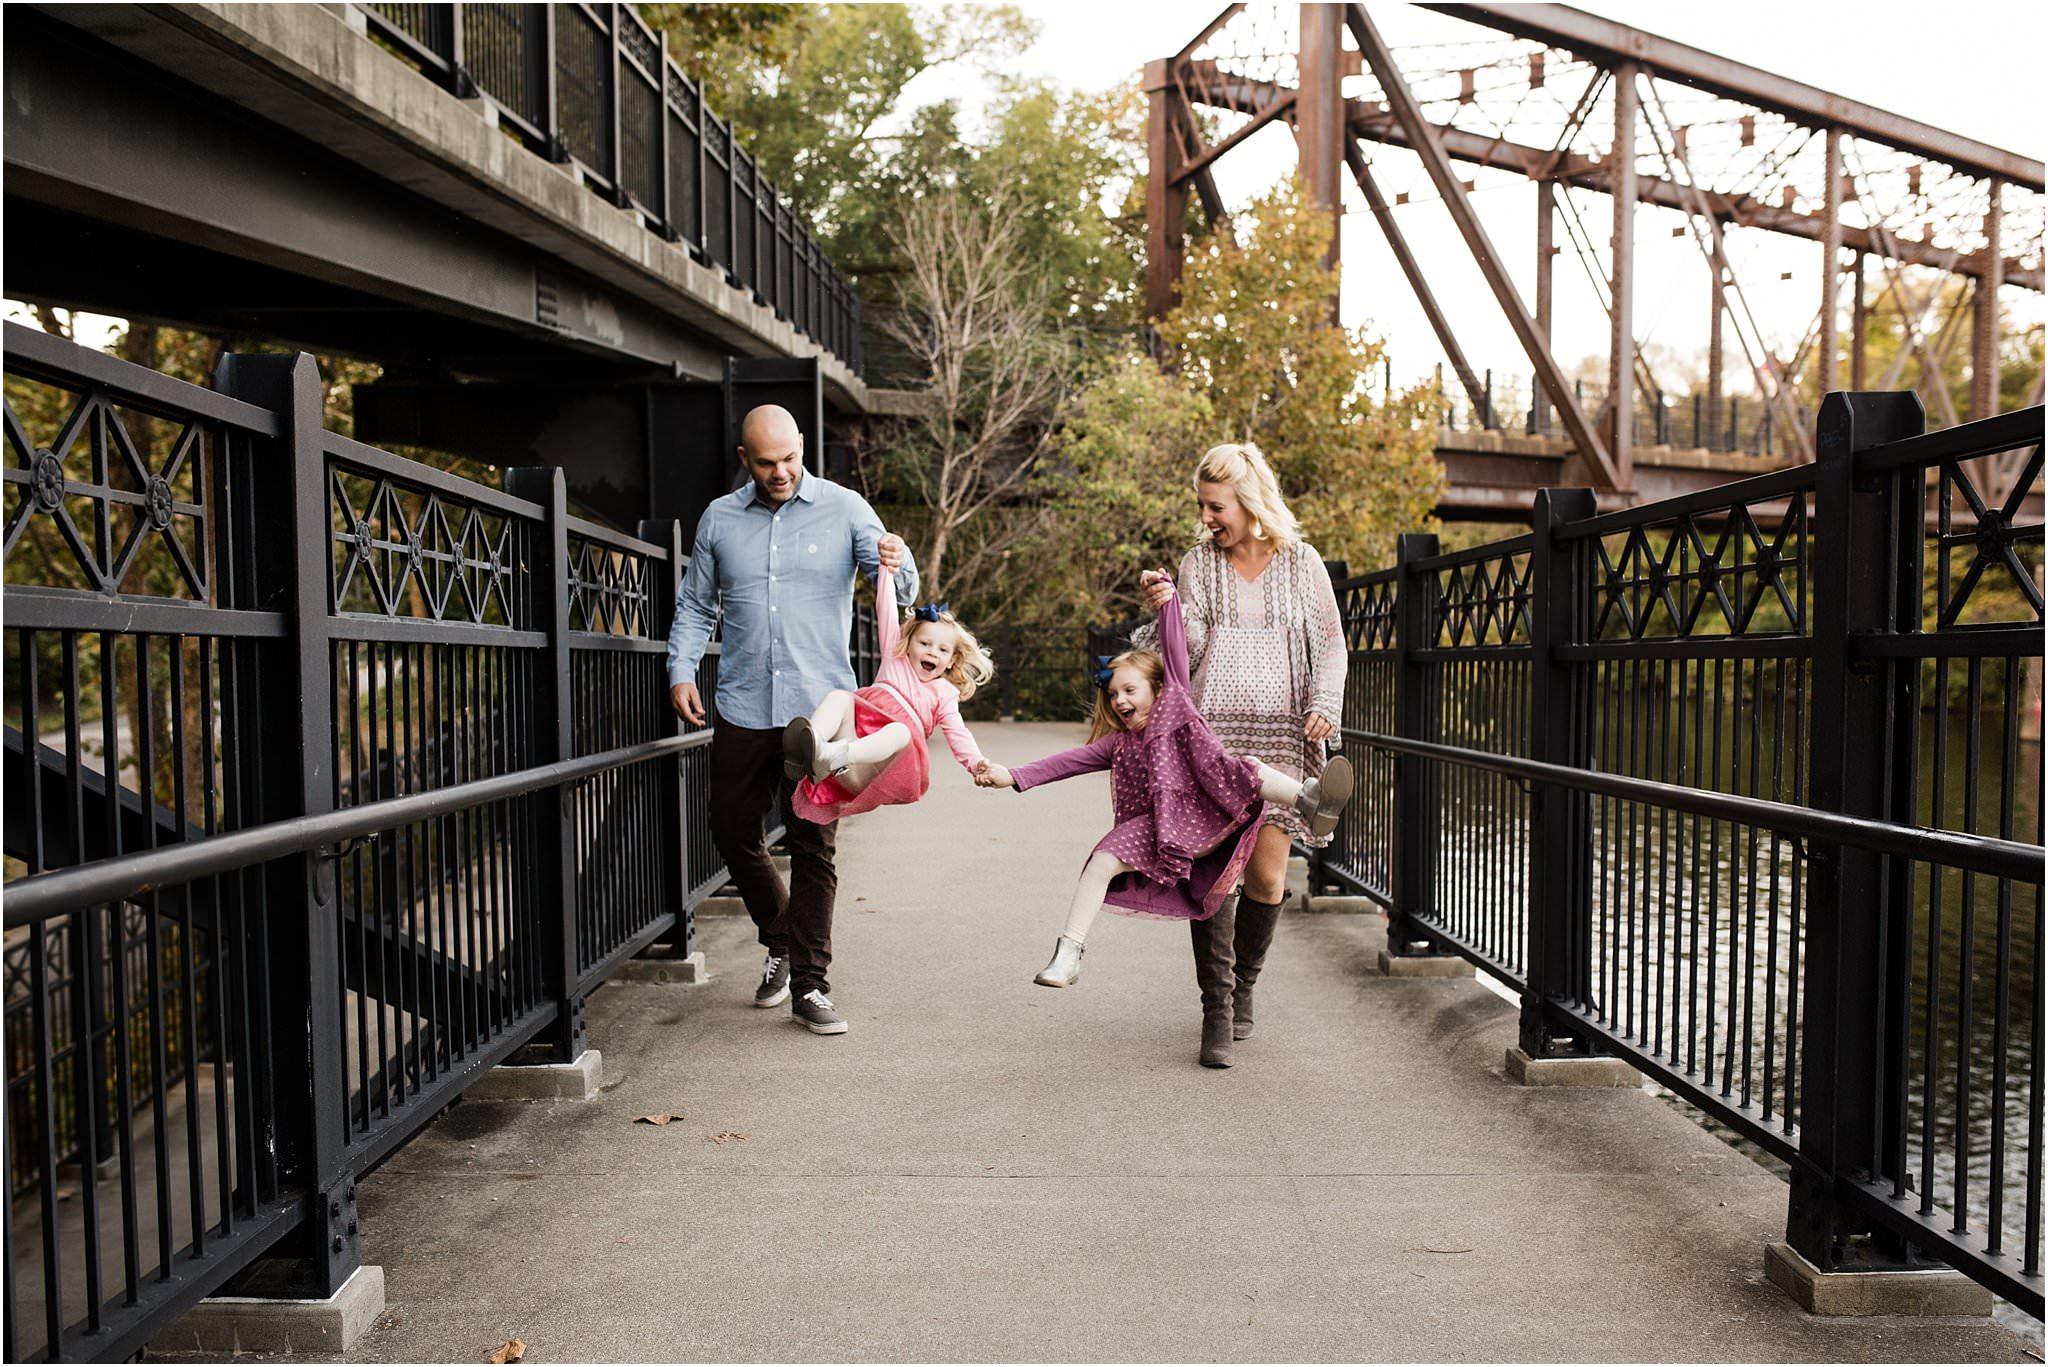 family waling on bridge at Washington's Landing